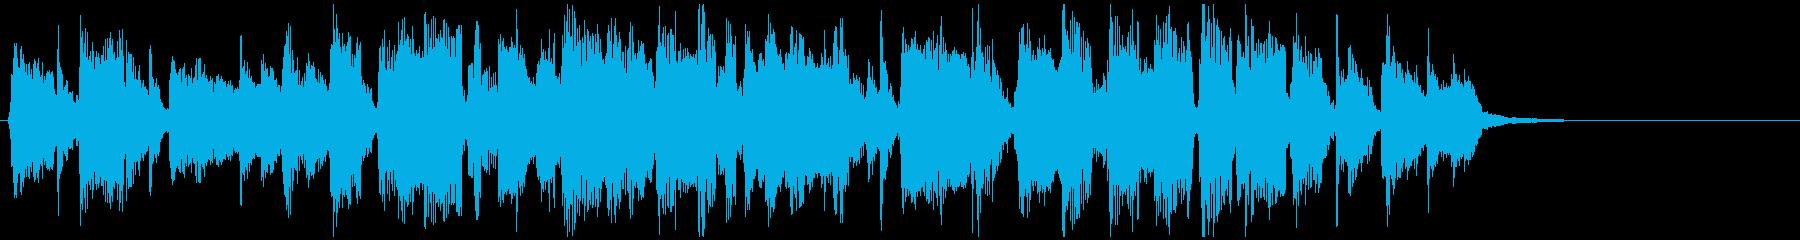 ボーナスステージっぽい疾走感のジングルの再生済みの波形